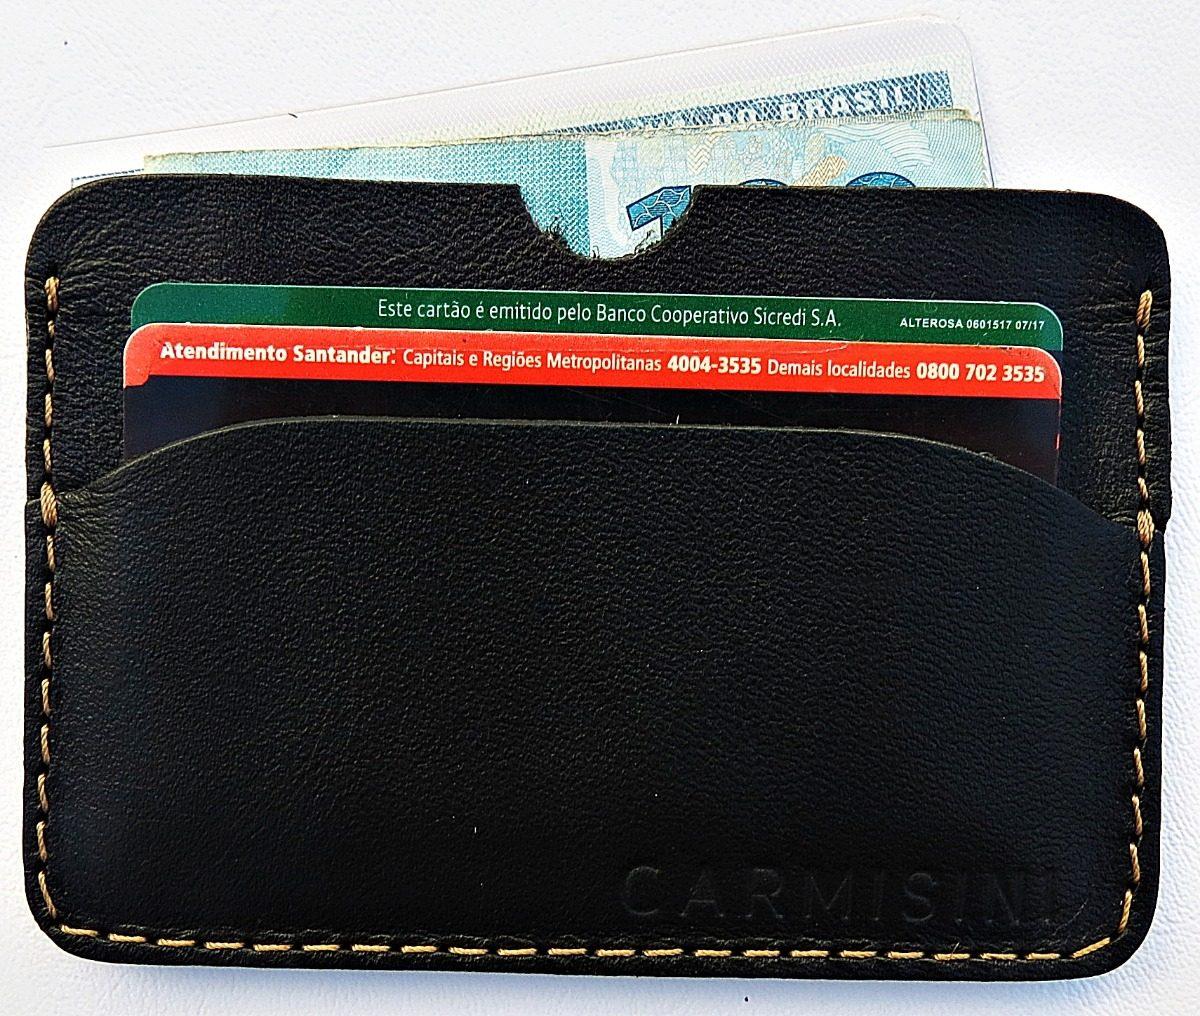 c2e4be208 carteira masculina em couro pequena slim super leve promoção. Carregando  zoom.